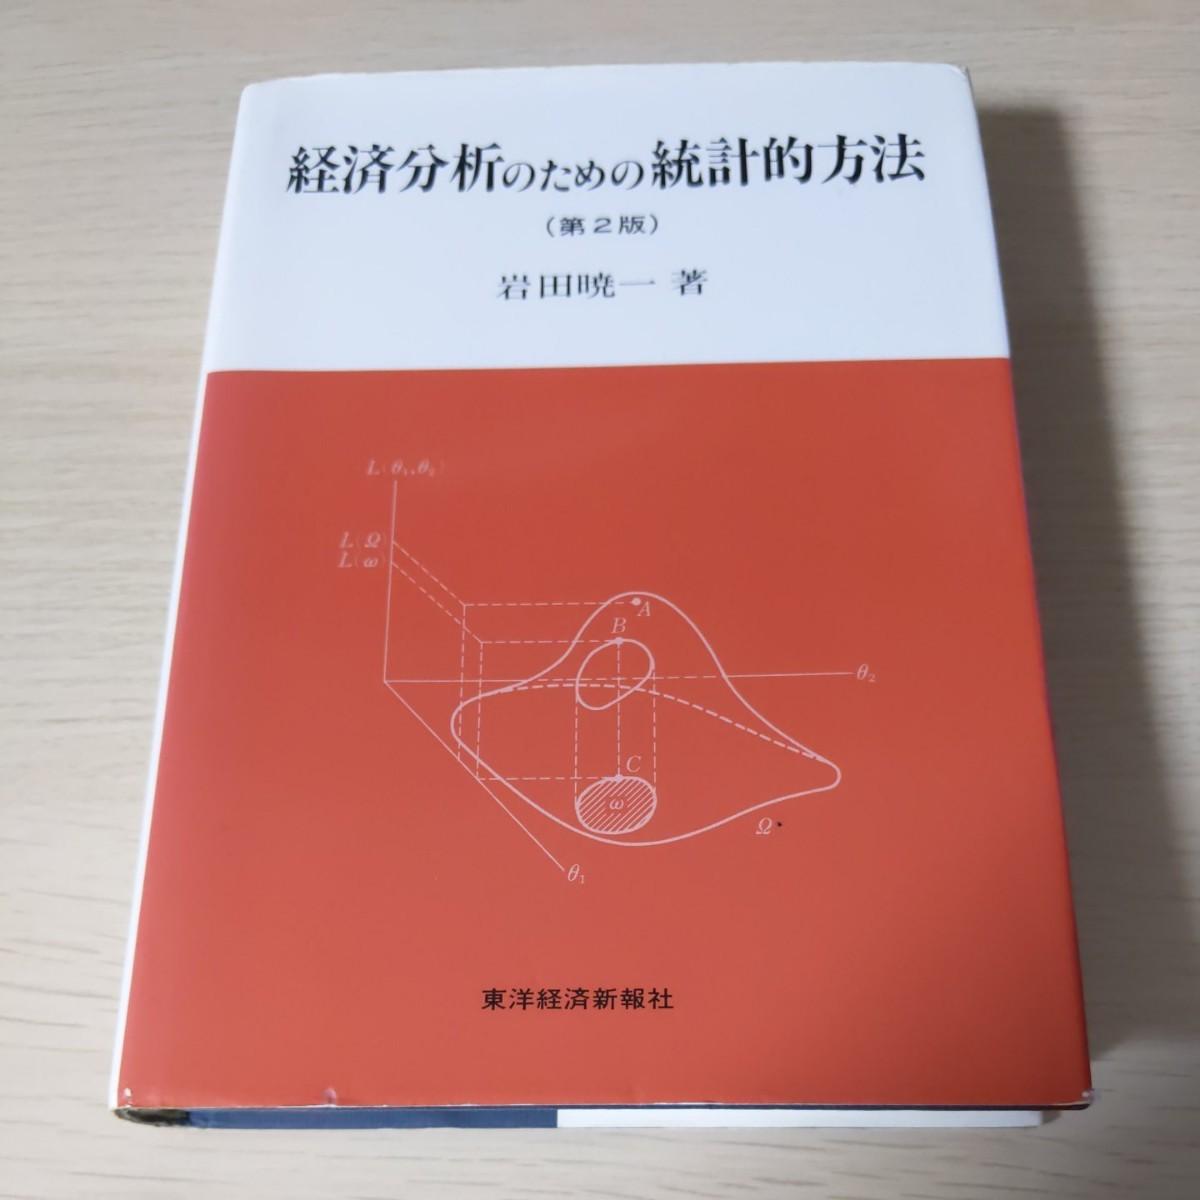 経済分析のための統計的方法   第2版/東洋経済新報社/岩田暁一 (単行本)